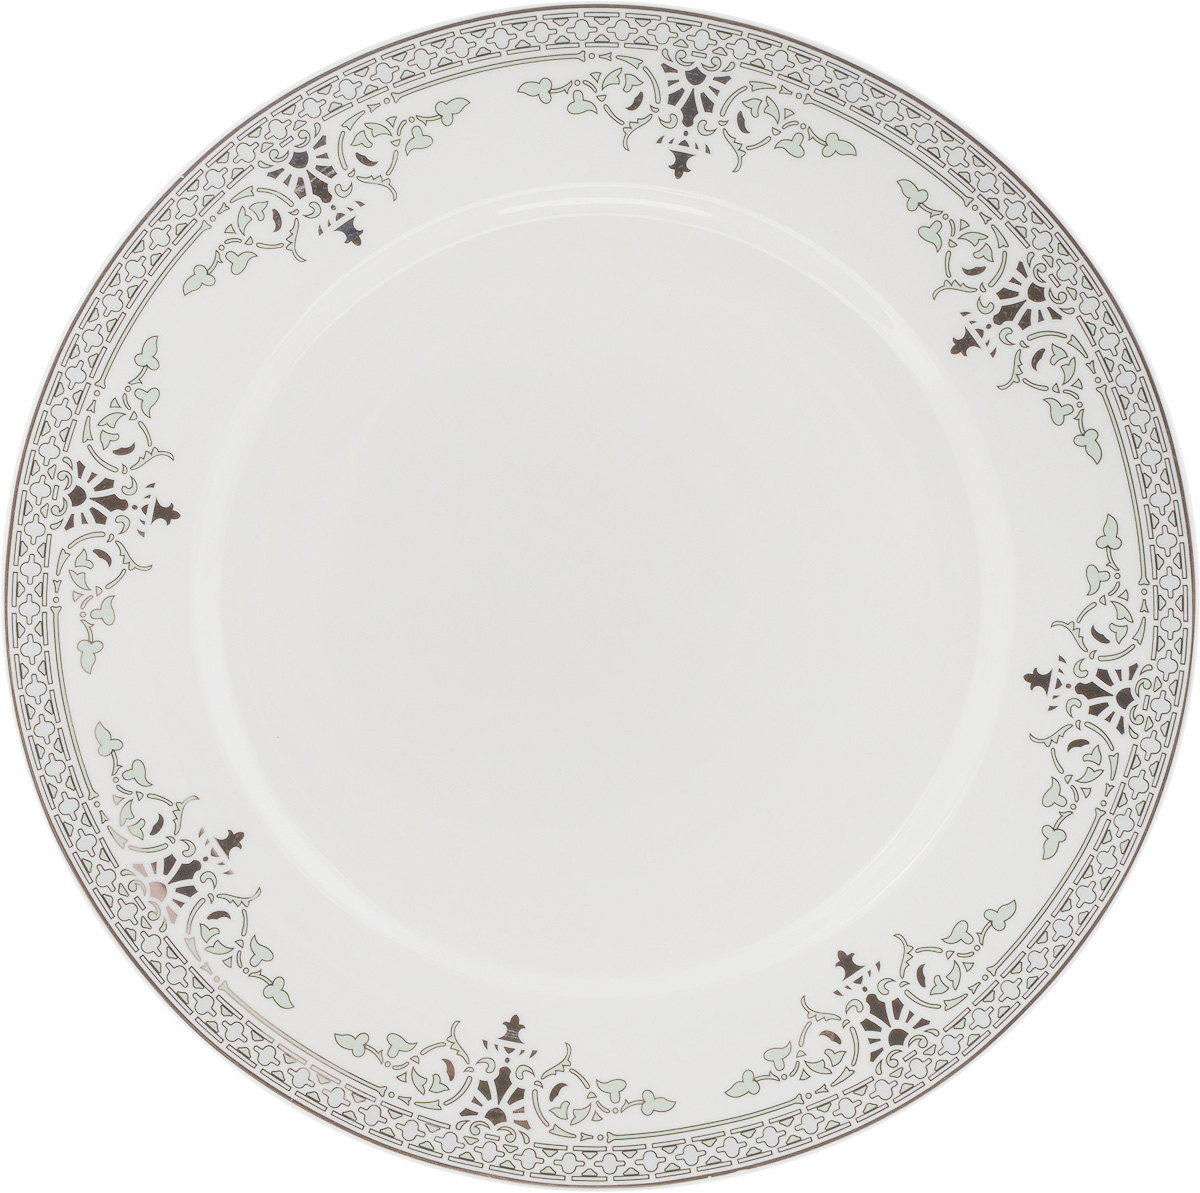 Тарелка подстановочная Венеция, диаметр 27 см2ТГ-21Тарелка Венеция изготовлена из глазурованного фарфора. Подстановочная тарелка - это особый вид тарелок. Обычно она выполняет исключительно декоративную функцию.Такая тарелка изысканно украсит сервировку как обеденного, так и праздничного стола. Диаметр тарелки: 27 см.